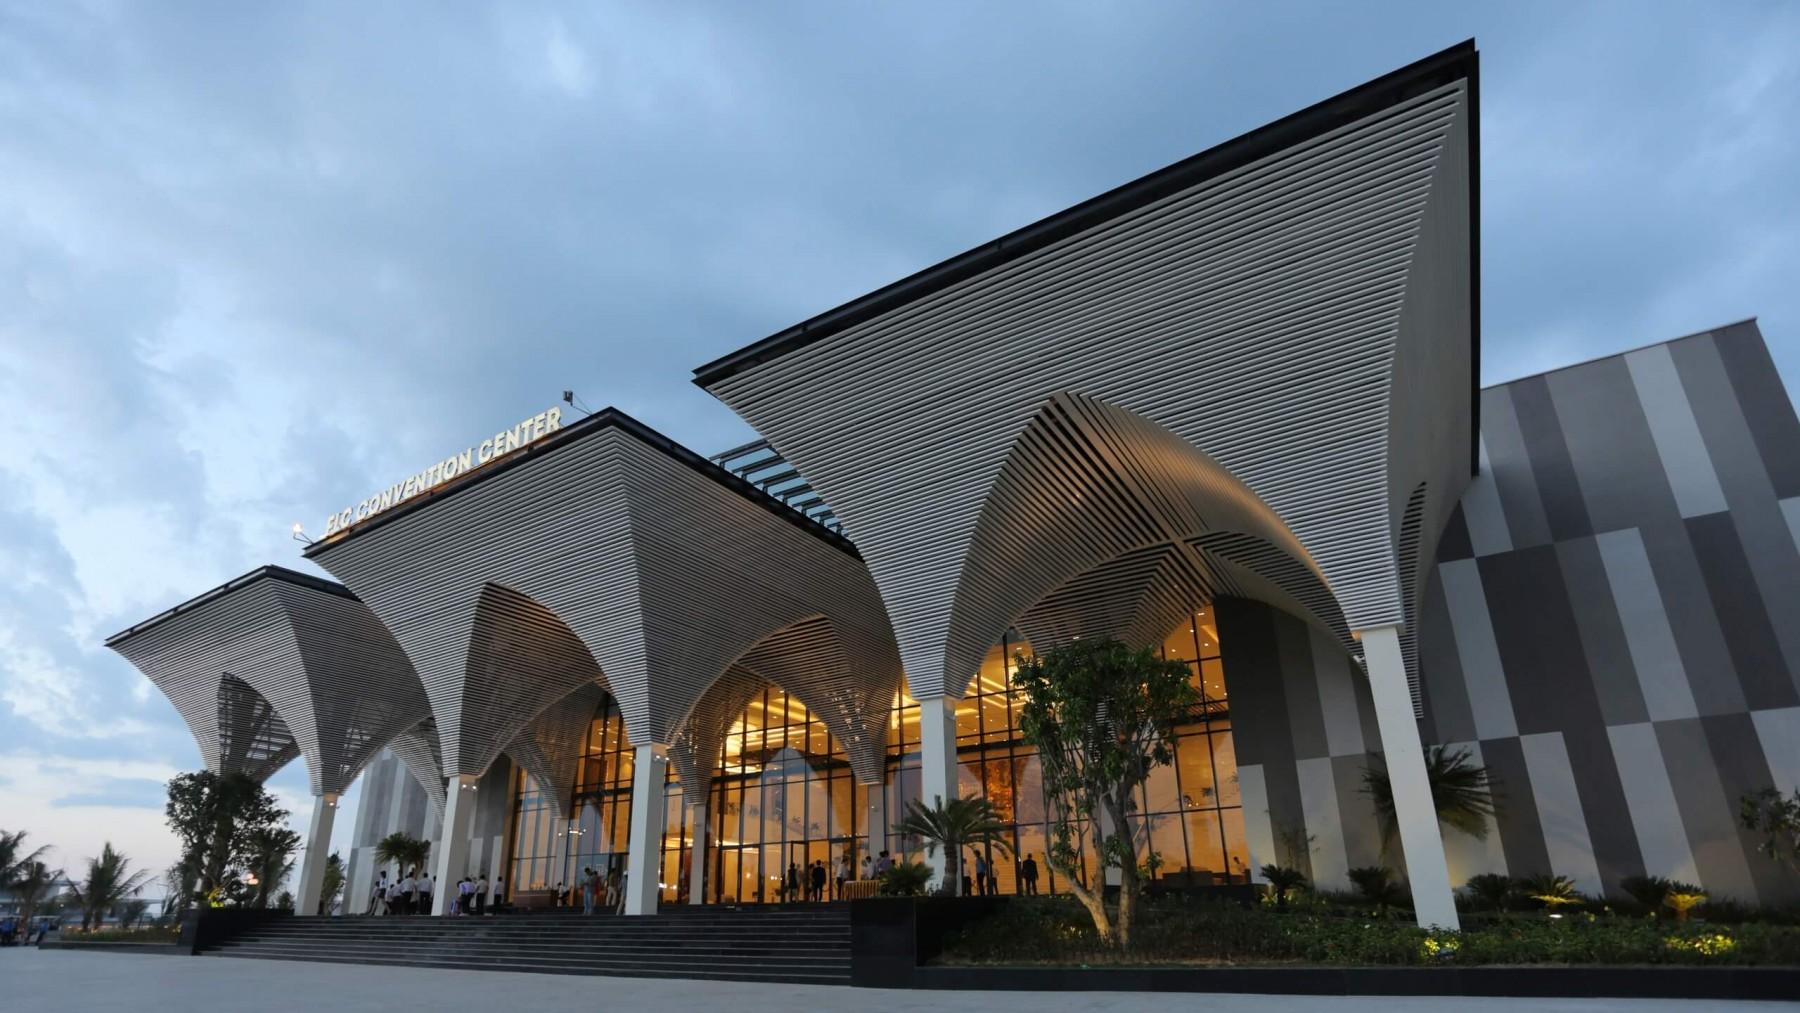 Trung tâm hội nghị hiện đại